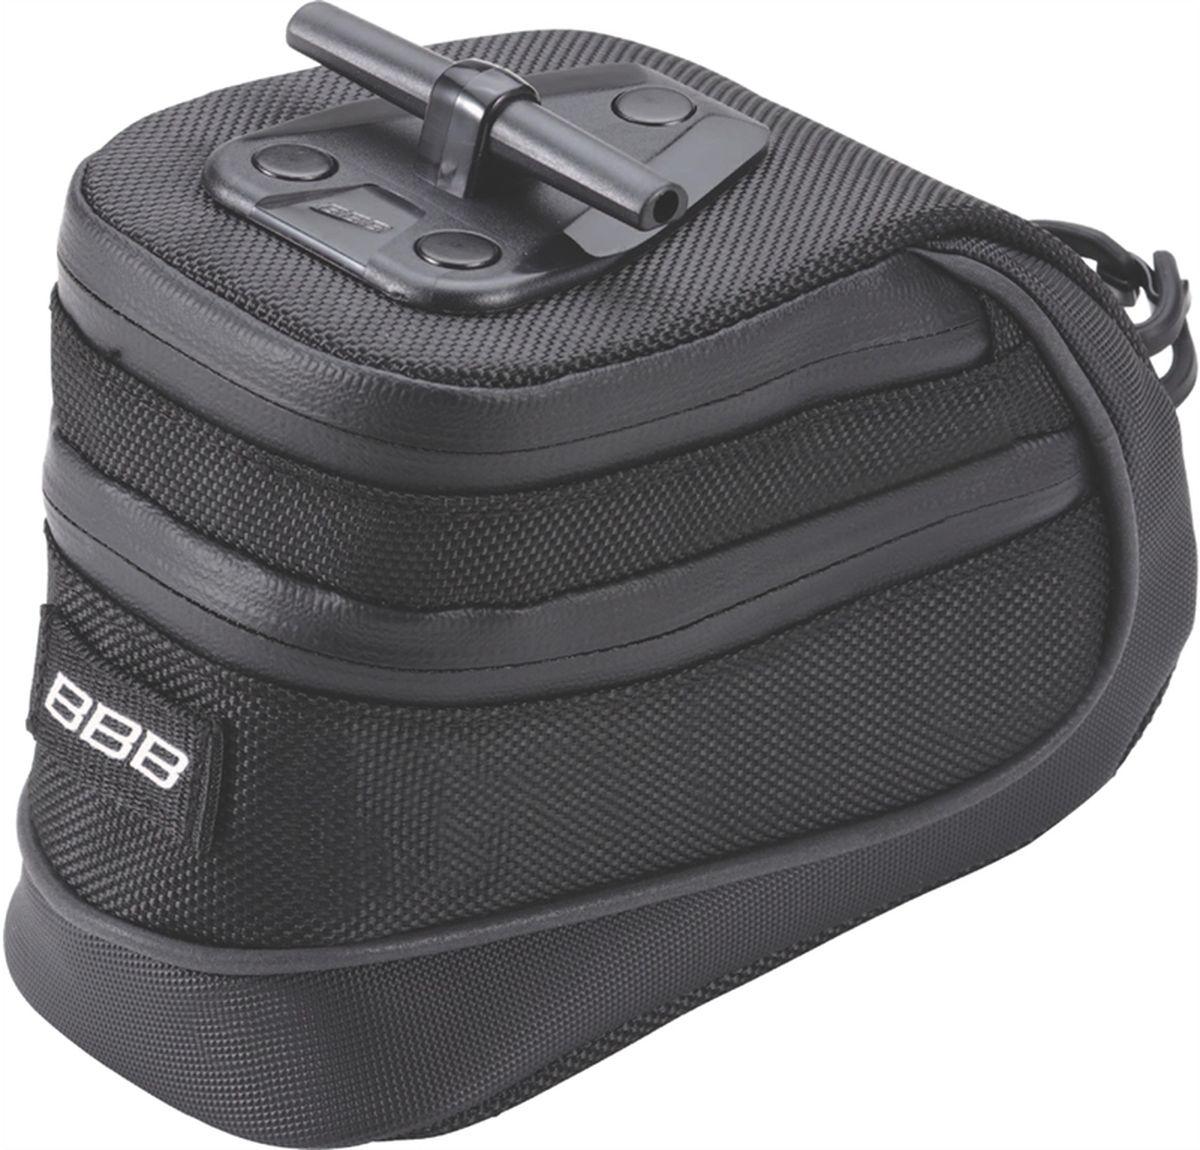 Велосумка под седло BBB StorePack, цвет: черный. Размер LBSB-12LВ сумке BBB StorePack применяются лучшие материалы и новейшие технологии. Синяя подкладка обеспечивает лучшую видимость содержимого. Эластичный ремешок и карман для простоты организации содержимого вашей сумочки. Водонепроницаемая молния с фиксатором дает дополнительную безопасность и абсолютно бесшумна при езде. Крепление для заднего габарита-LED фонарика. Черная светоотражающая полоска помогает лучше видеть вас на дороге. Т-образная система крепления для быстрой установки и снятия. Резиновый ремешок крепления к подседельному штырю для помогает в надежной фиксации сумочки. Большая сумка разделена на два отсека. Верхний отсек отлично подходит для хранения кошелька, ключей или документов.Гид по велоаксессуарам. Статья OZON Гид